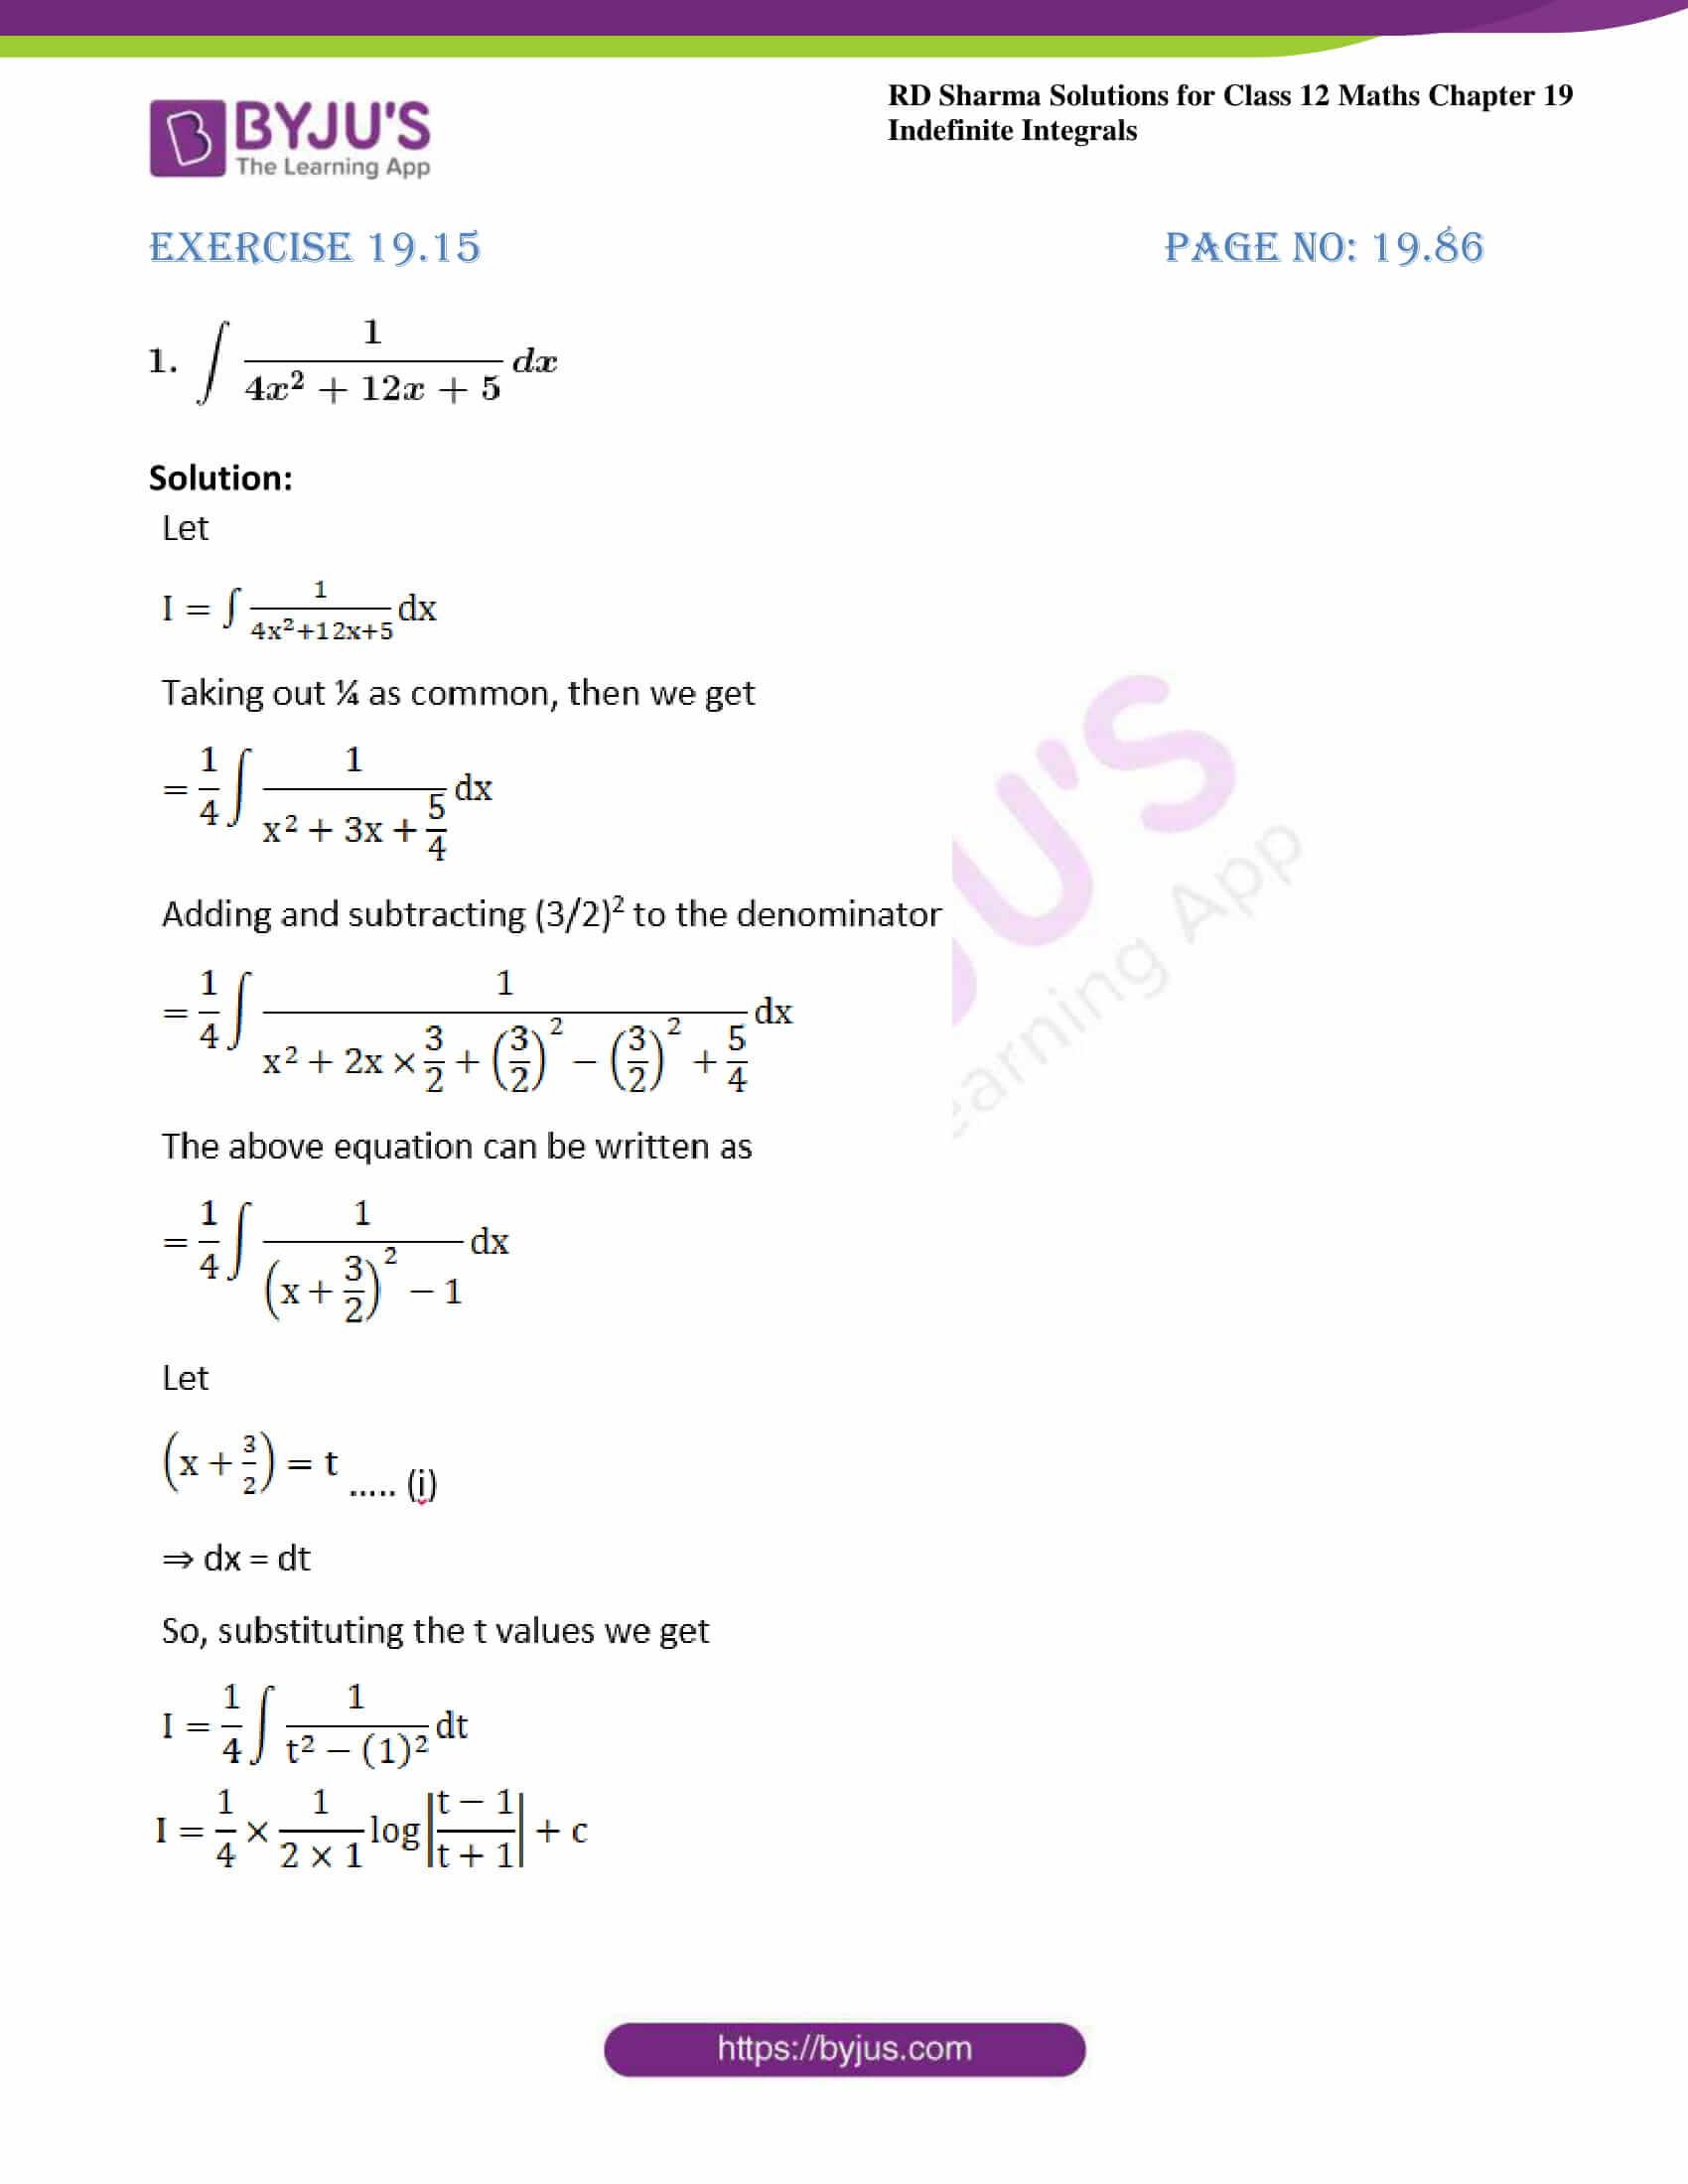 rd sharma class 12 maths sol chap 19 ex 15 1